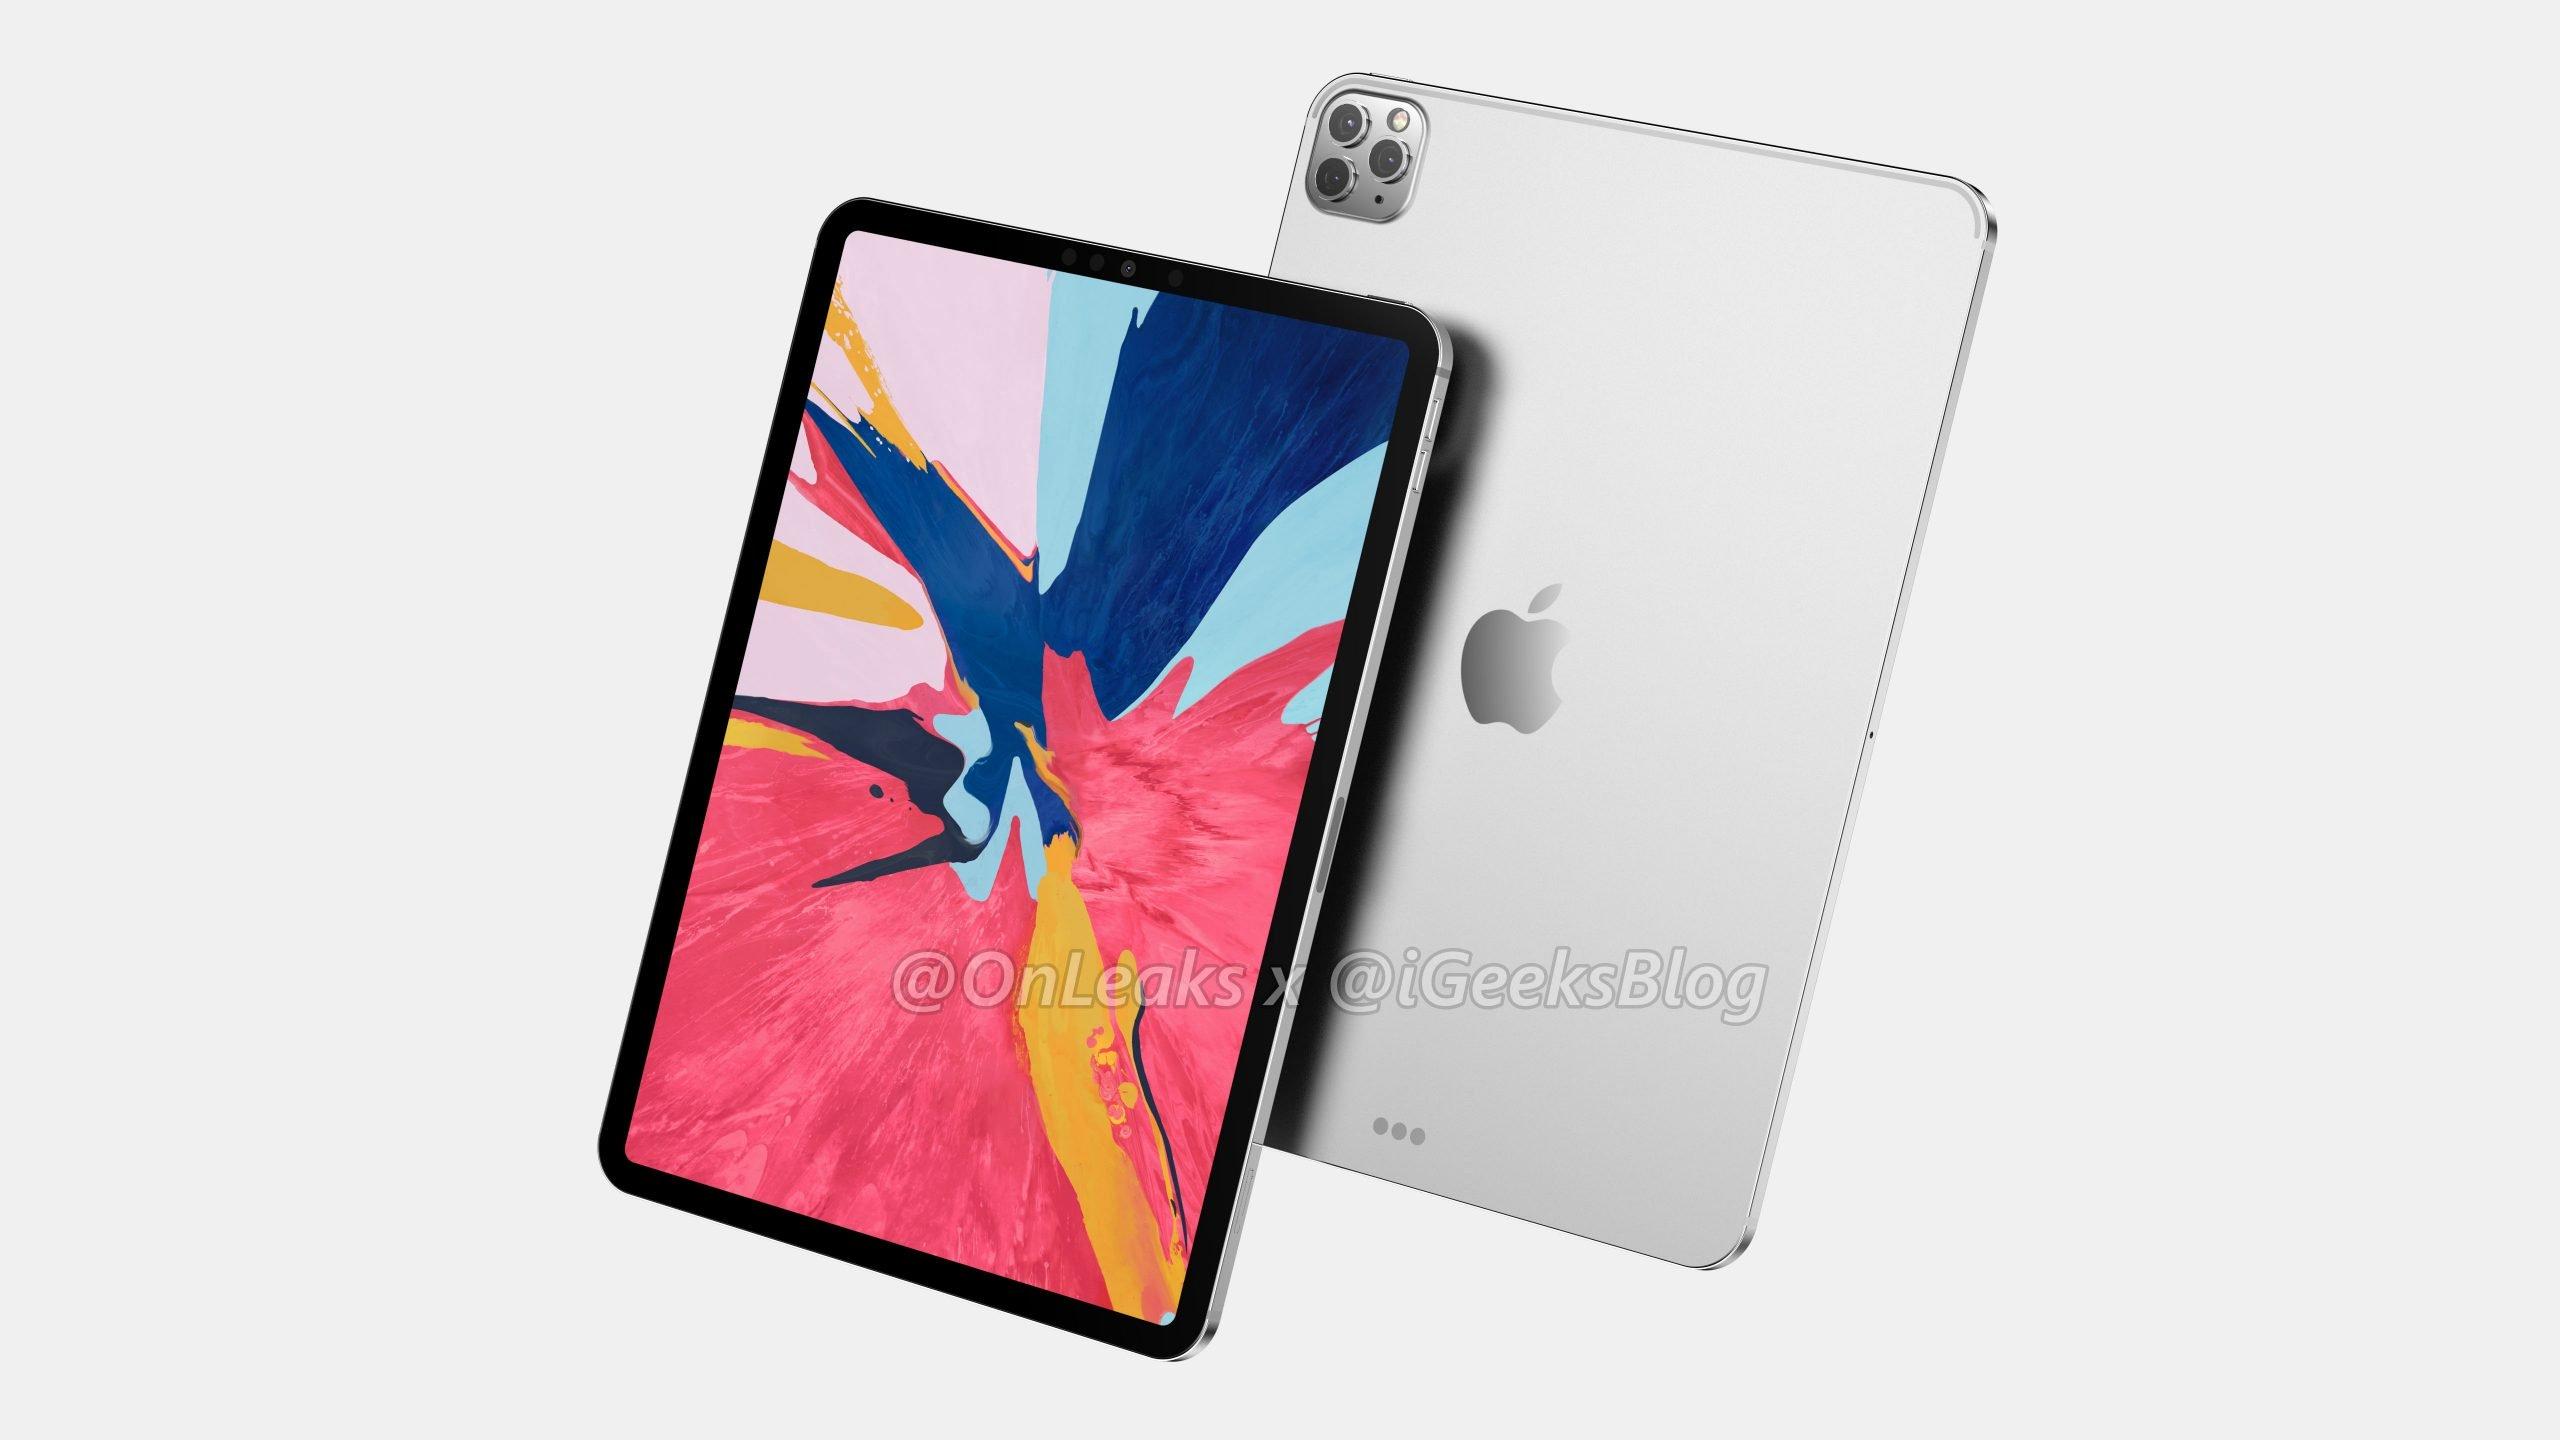 新型iPad Pro、トリプルカメラ搭載で2020年3月発表か